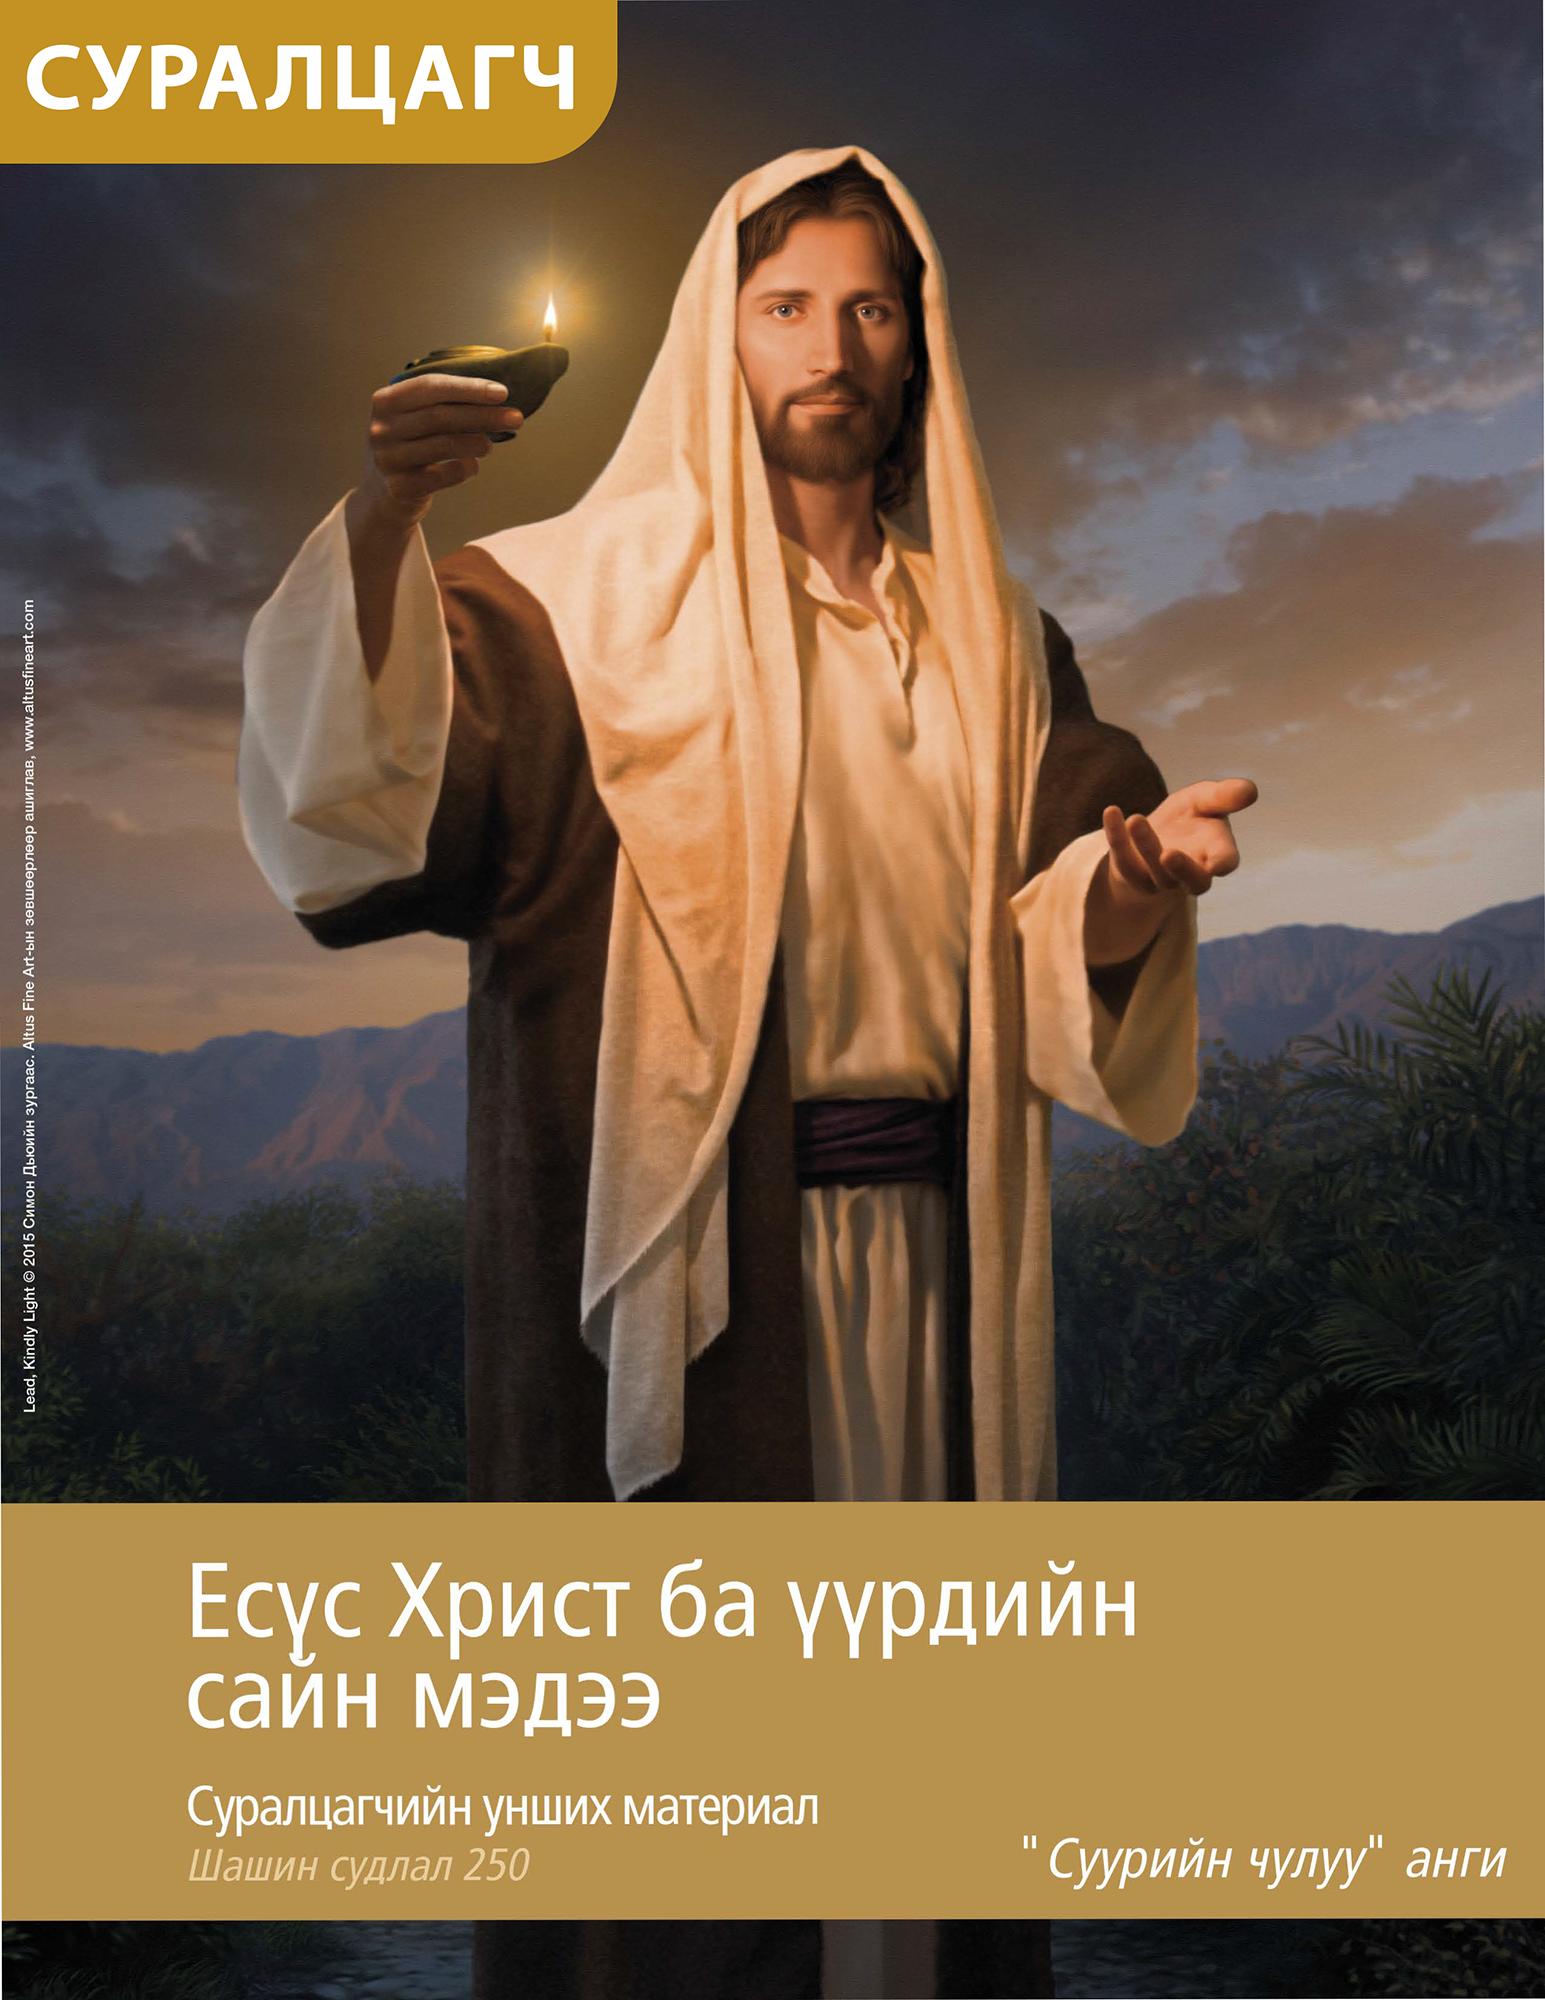 """""""Есүс Христ ба үүрдийн сайн мэдээ"""" суралцагчийн унших материал (Шашин судлал 250)"""